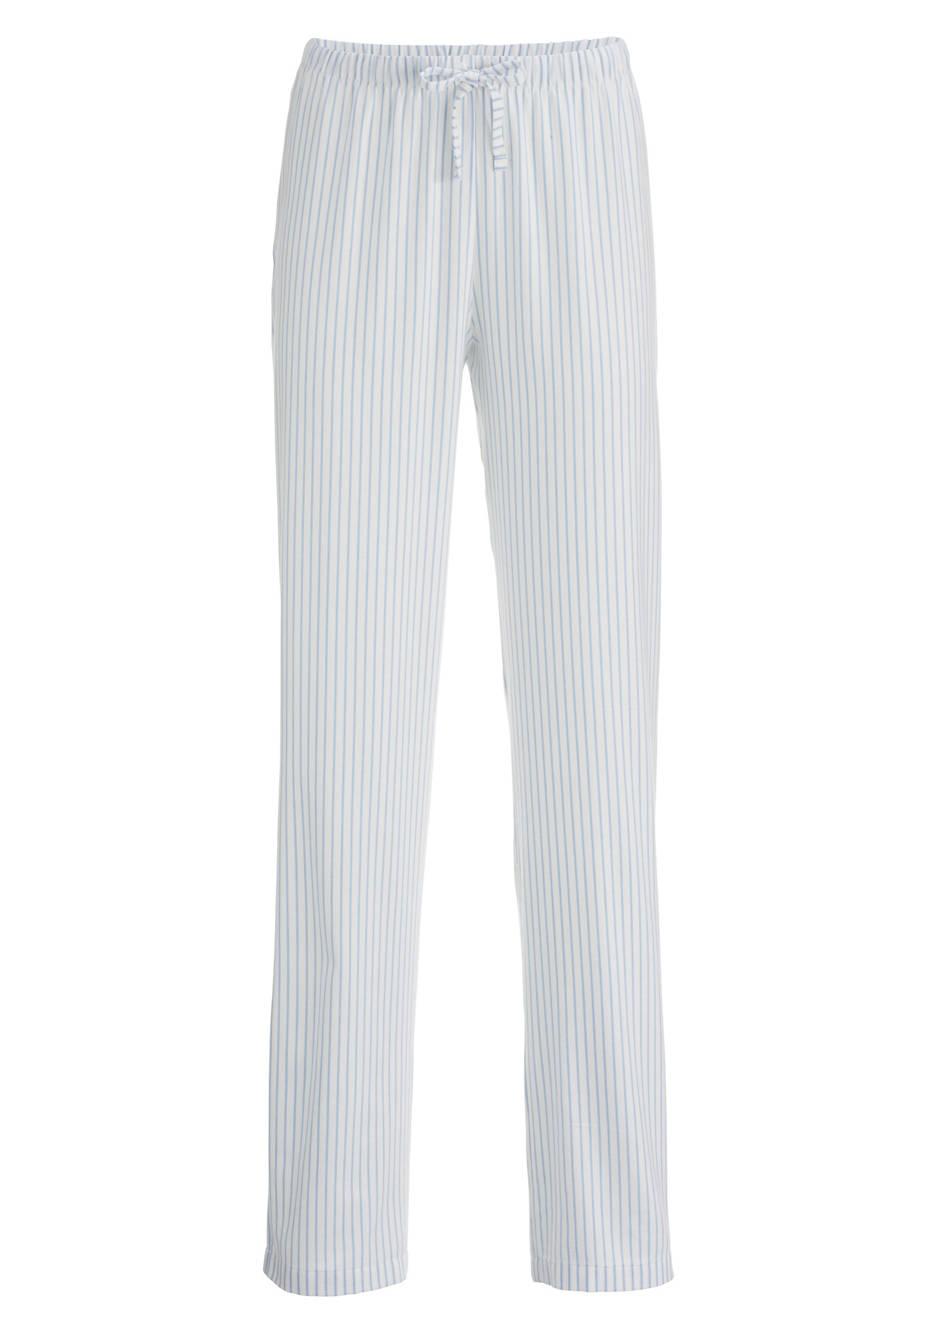 Damen Flanell-Pyjamahose aus reiner Bio-Baumwolle